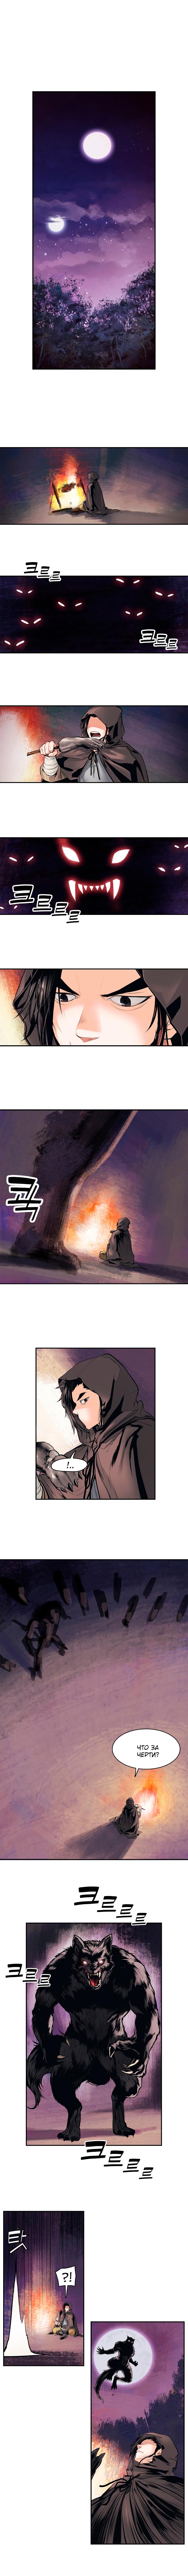 https://r2.ninemanga.com/comics/pic5/38/38630/1464933/1564142531152.png Page 1